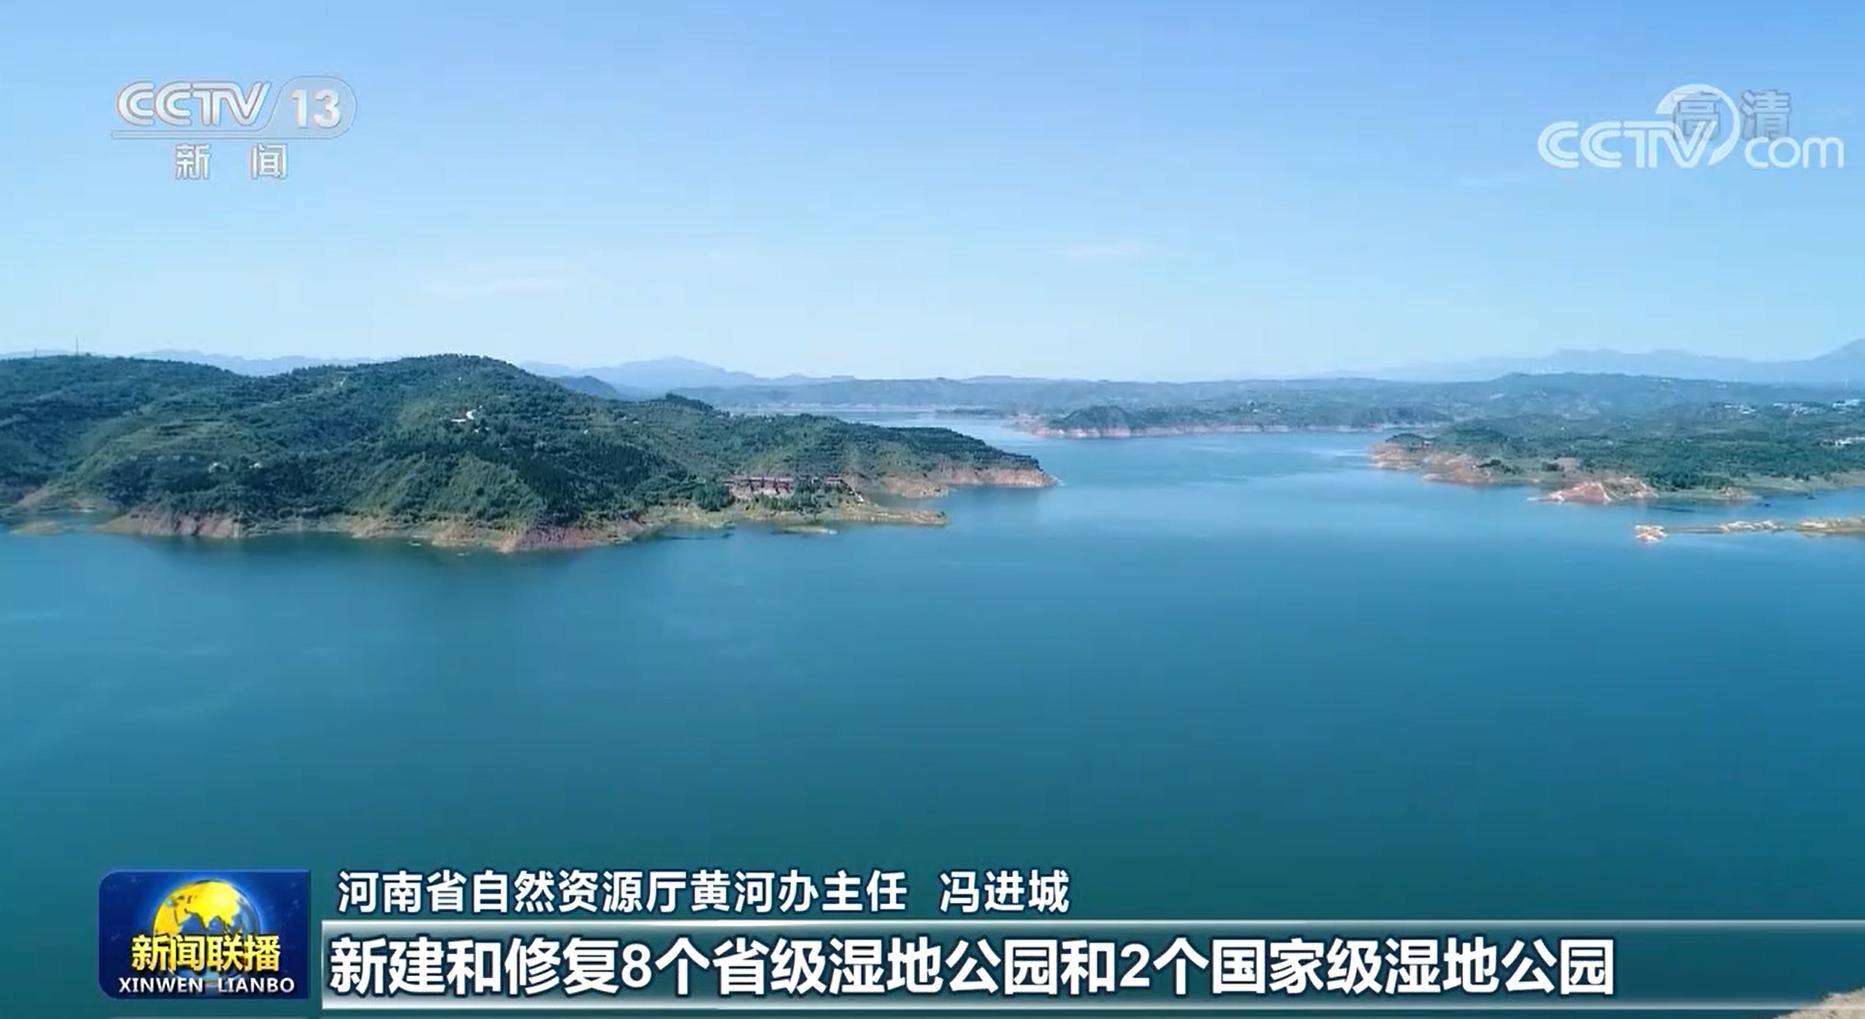 【奋斗百年路 启航新征程·今日中国】谱写新时代中原更加出彩的绚丽篇章